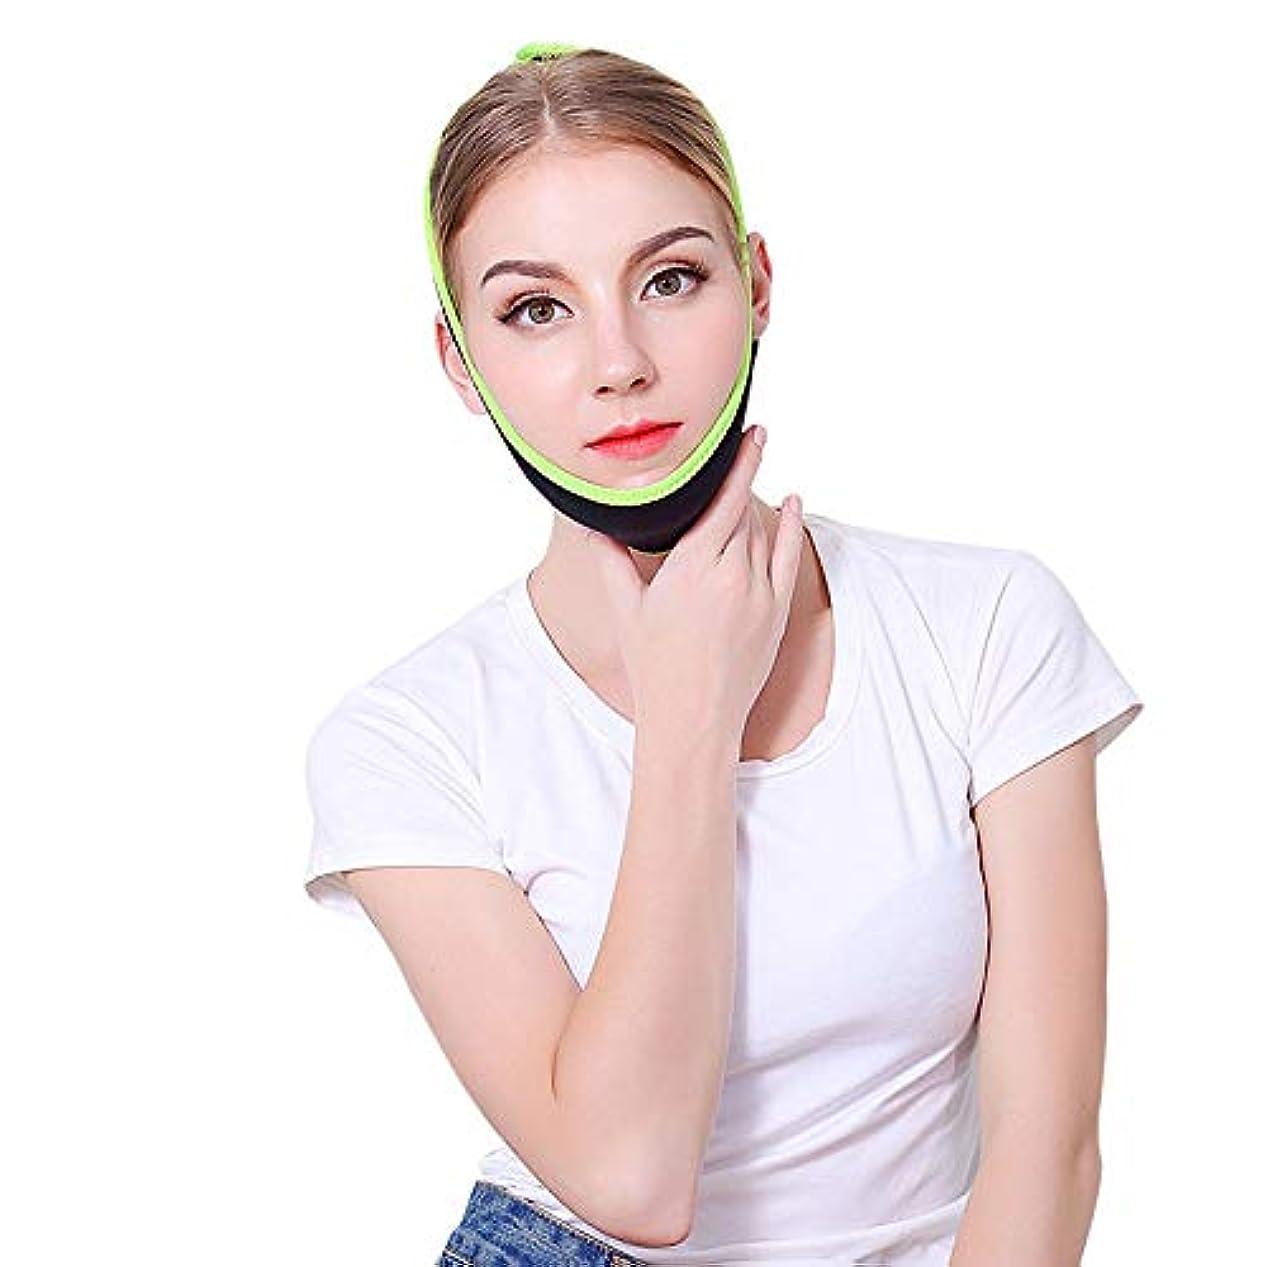 人里離れた応じるダイジェスト睡眠薄い顔ベルト、小さなv顔アーティファクト/メロン顔包帯マスク/リフティングマスク引き締め薄い二重あご